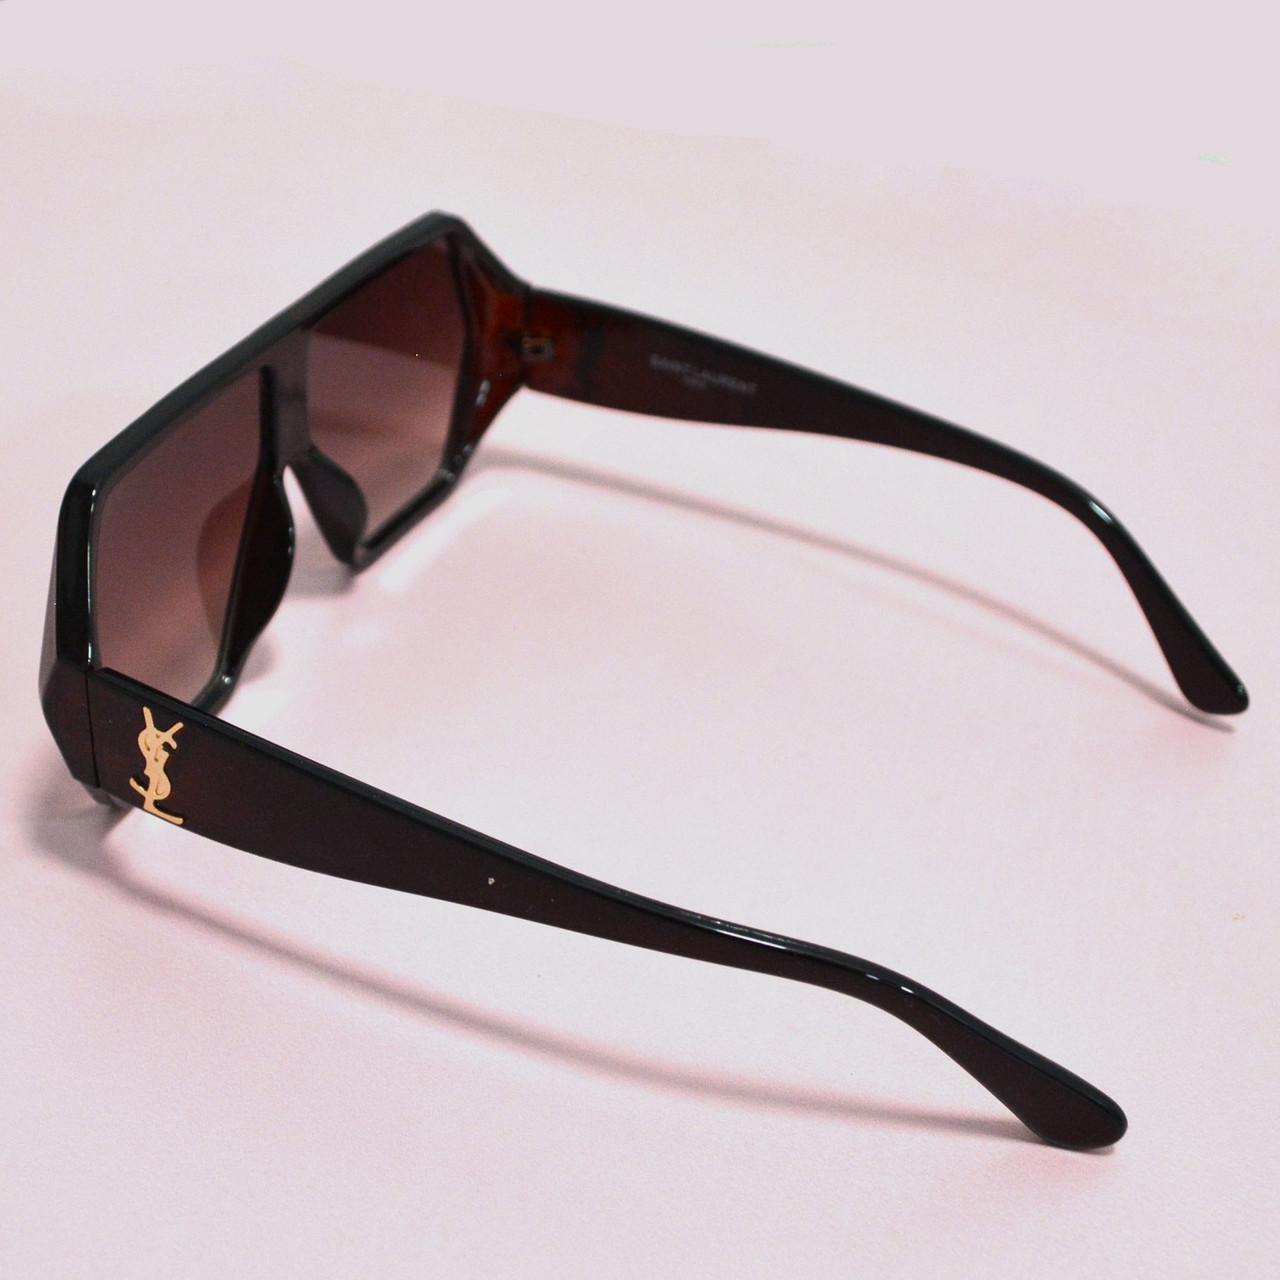 Солнцезащитные очки с коричневыми стеклами с широкой коричневой дужкой YSL 3010 - фото 10